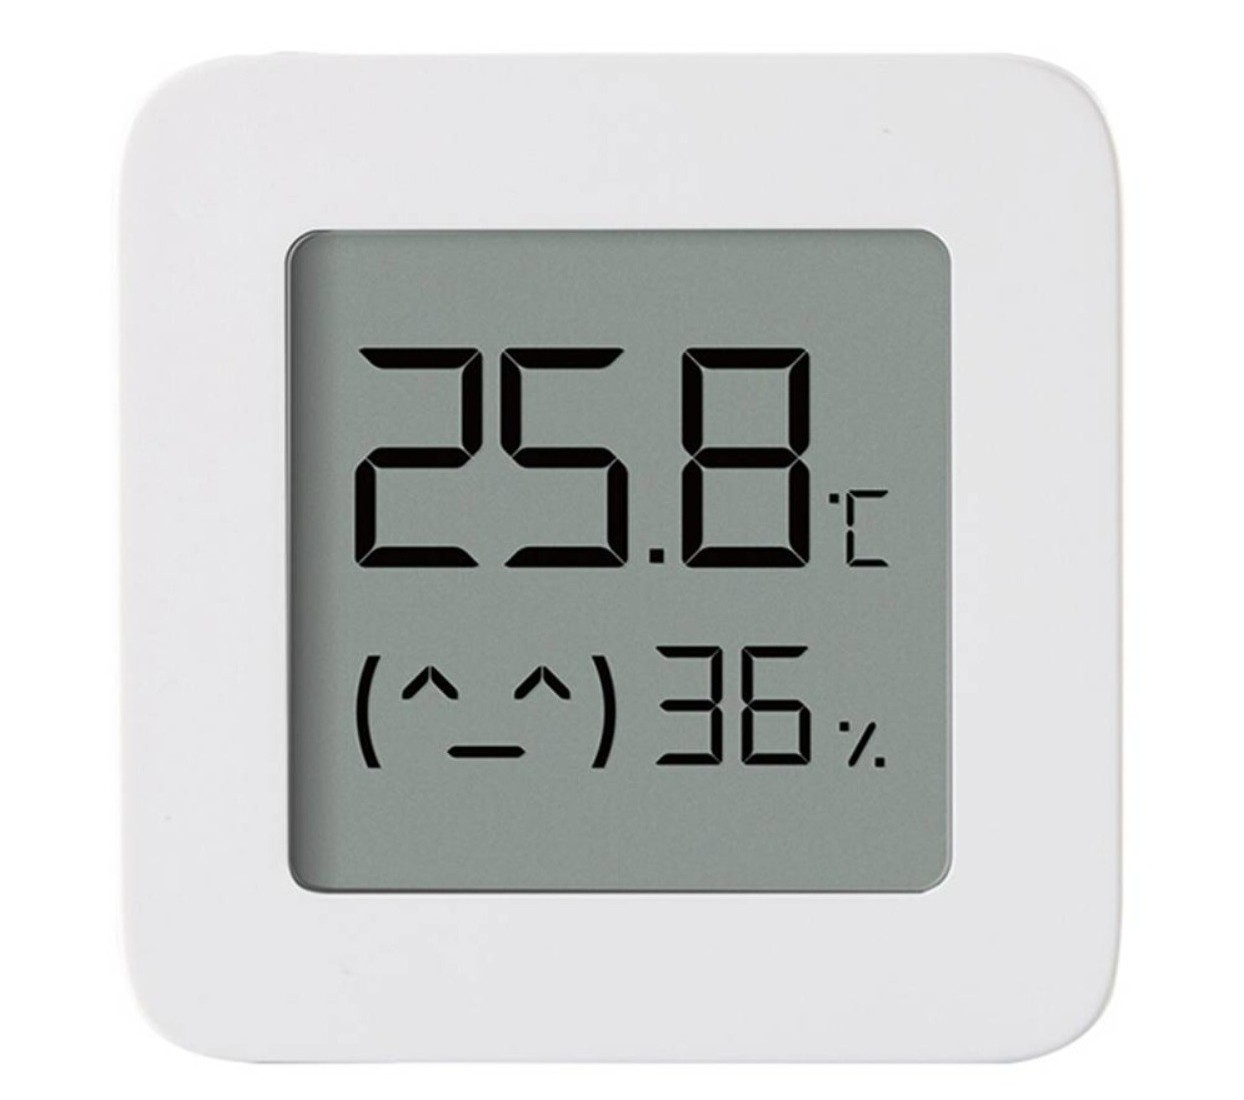 Termometro ambientale Xiaomi Mijia a 9,12 euro, oppure tre al prezzo di due